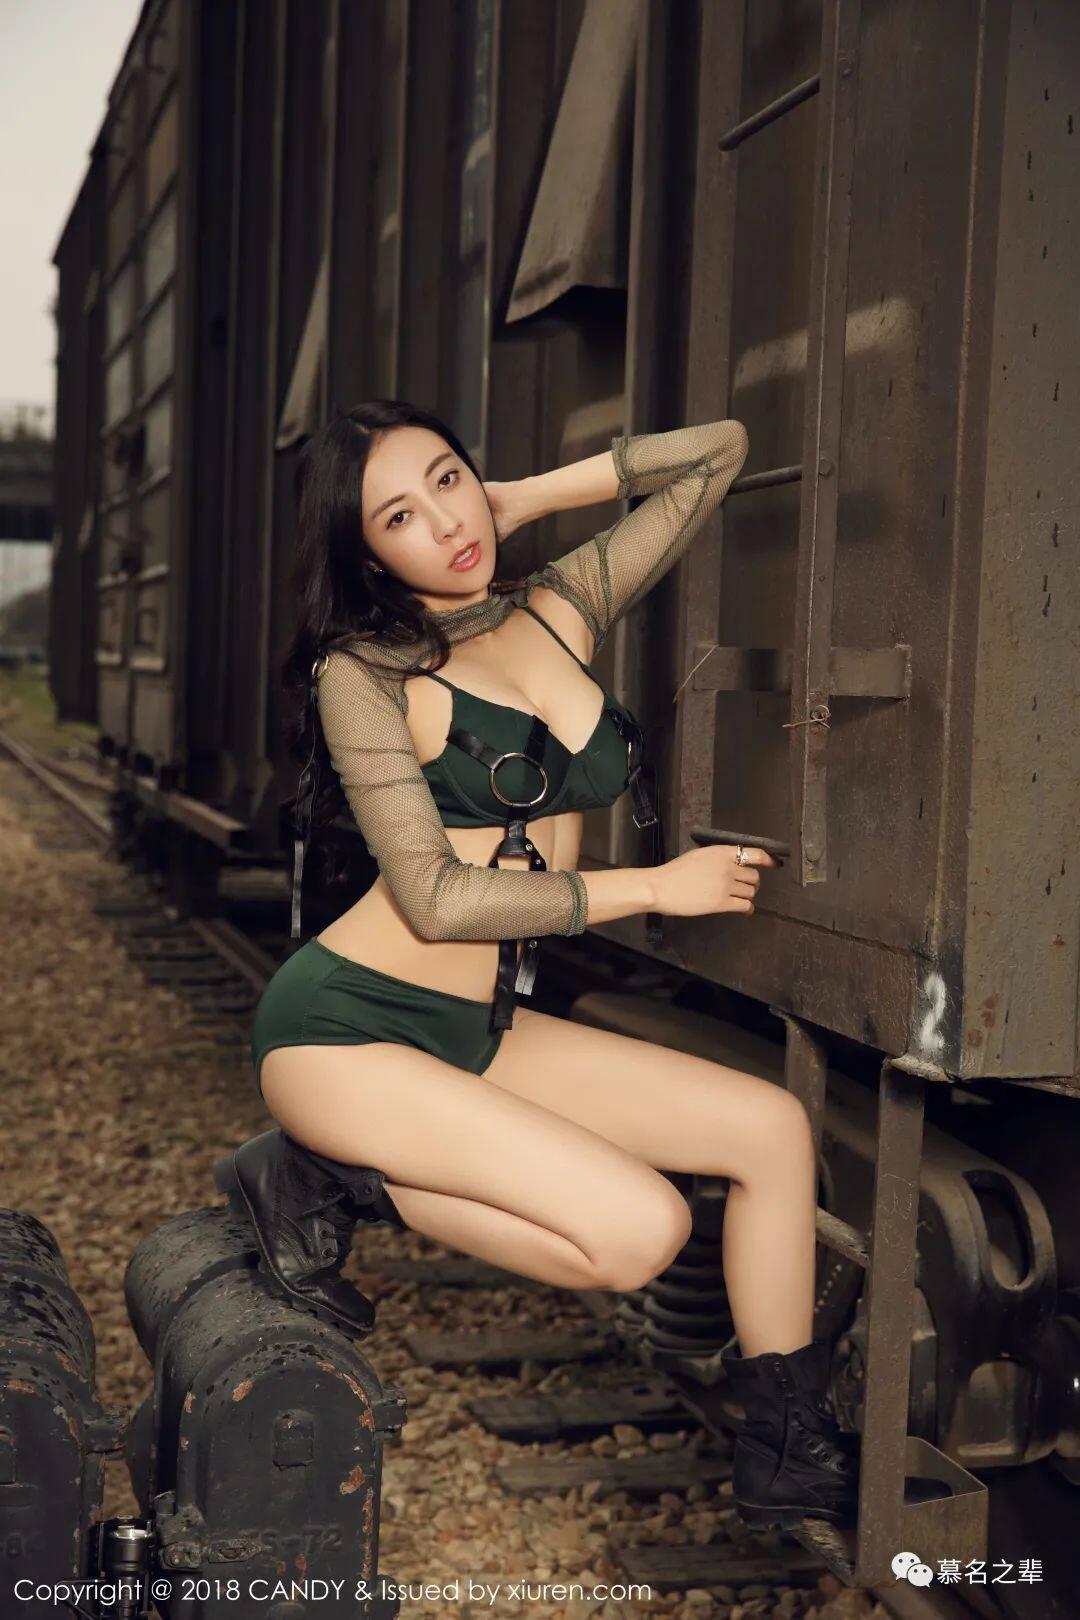 私房模特写真——松果儿Victoria(F罩杯)20